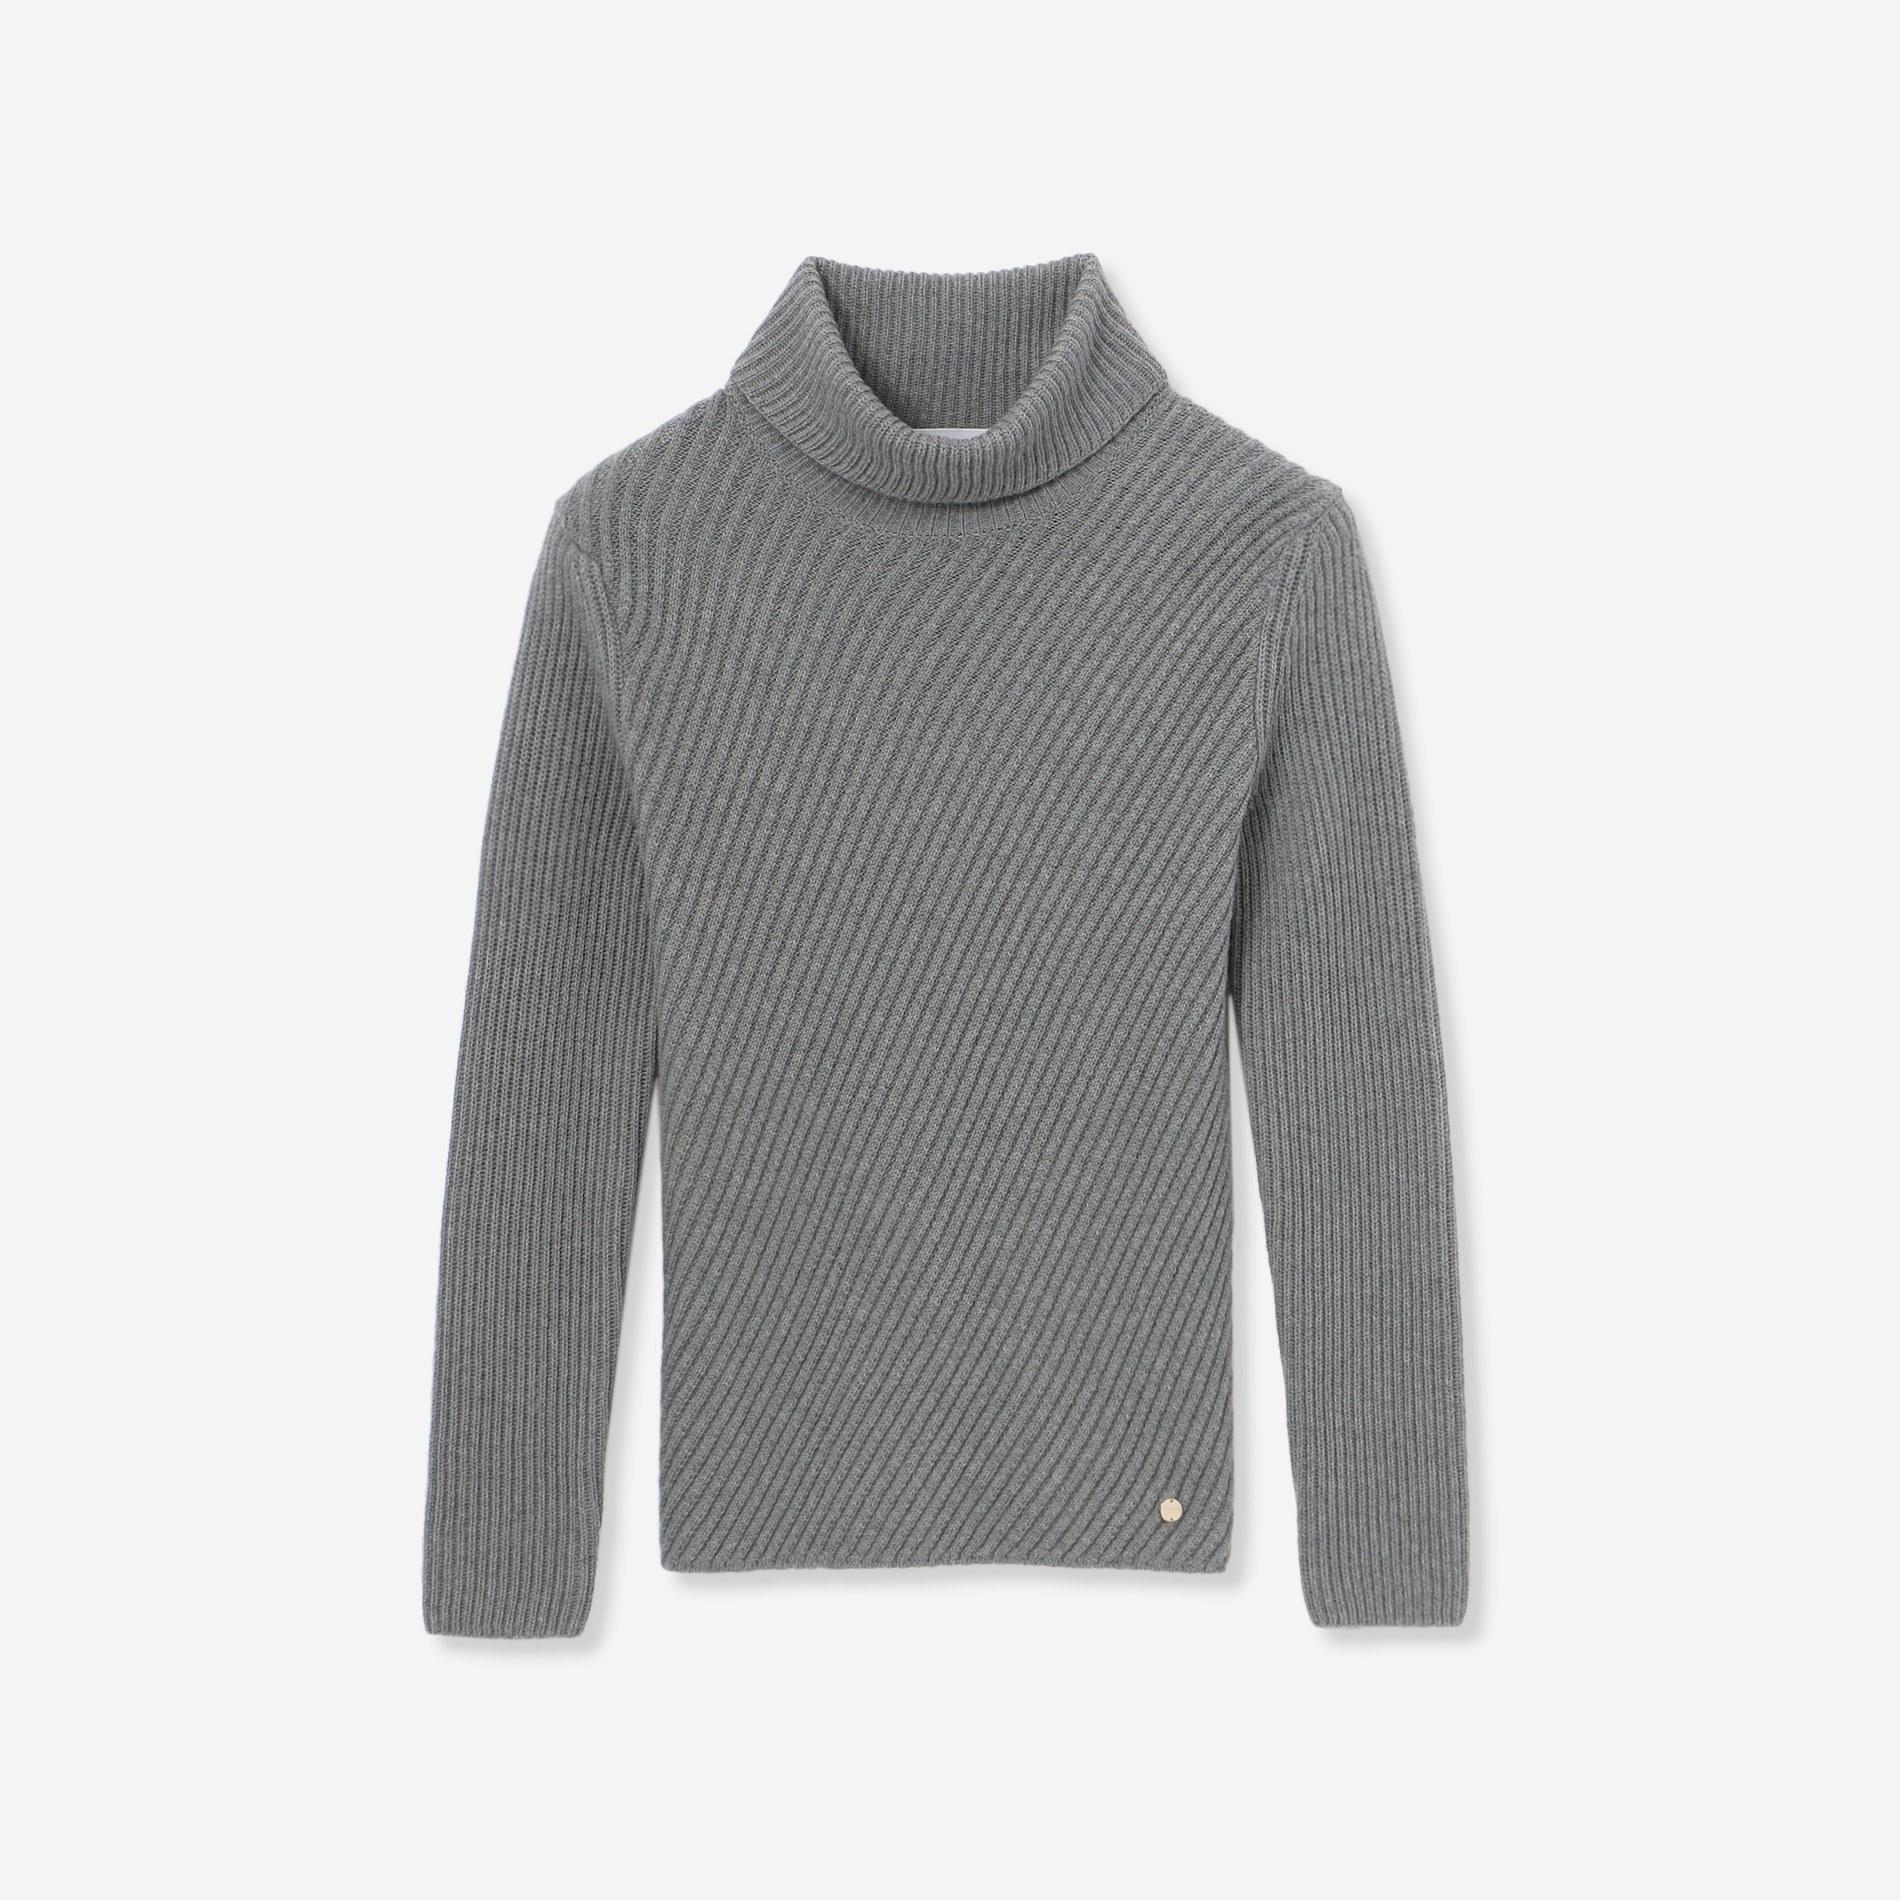 ウールニットタートルネックセーター